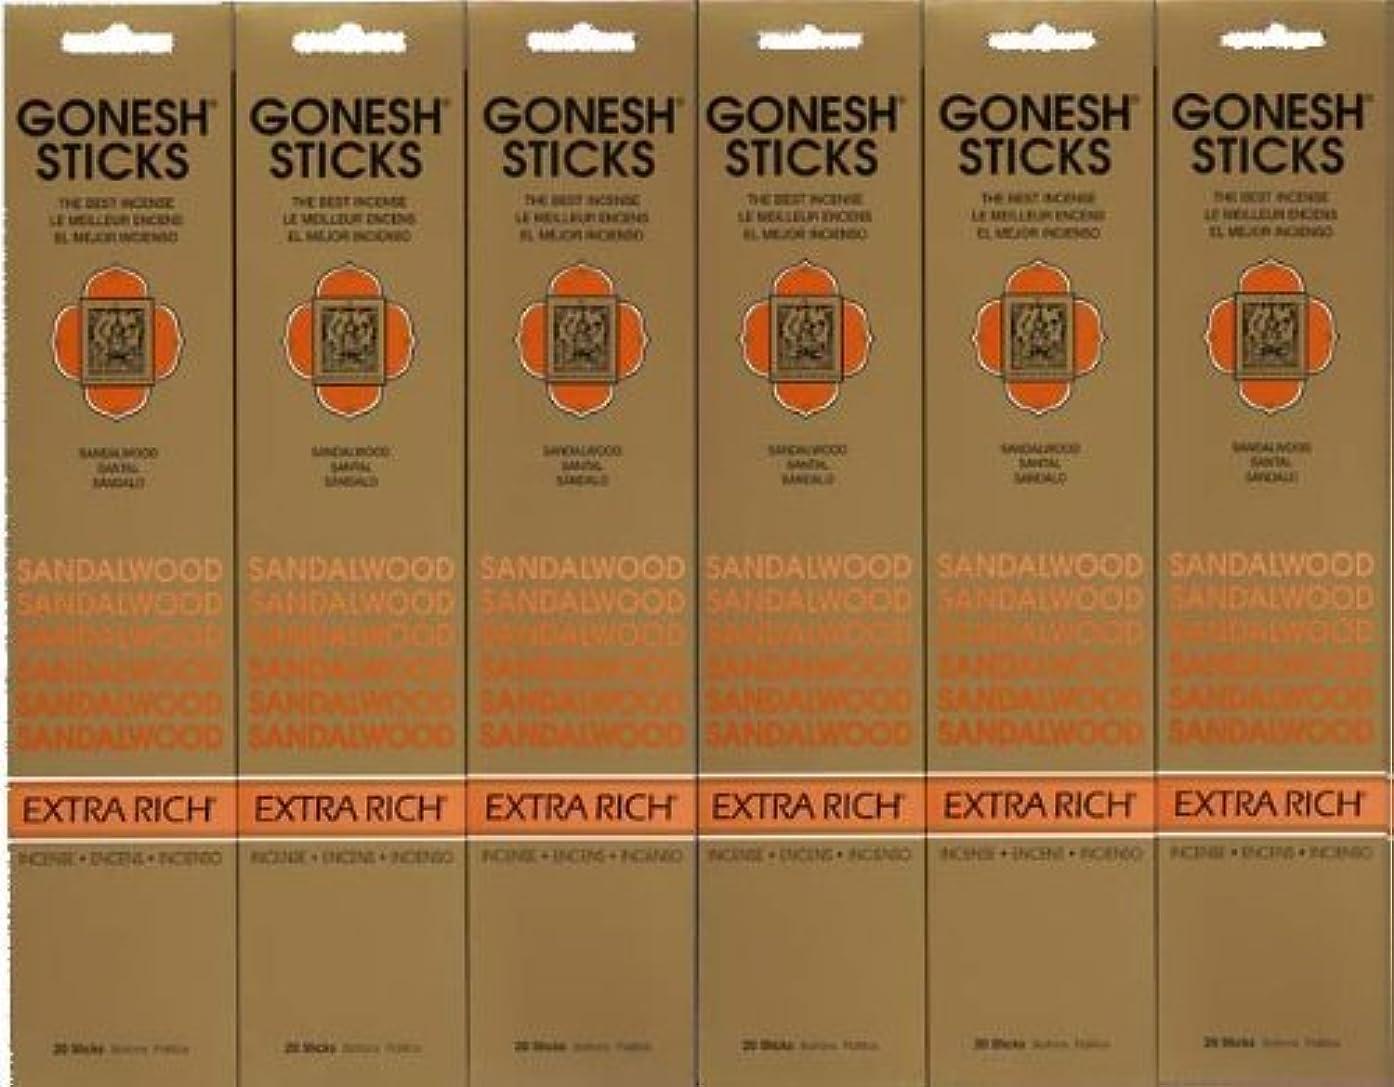 クラウド輝く玉GONESH SANDALWOOD サンダルウッド 20本入り X 6パック (120本)